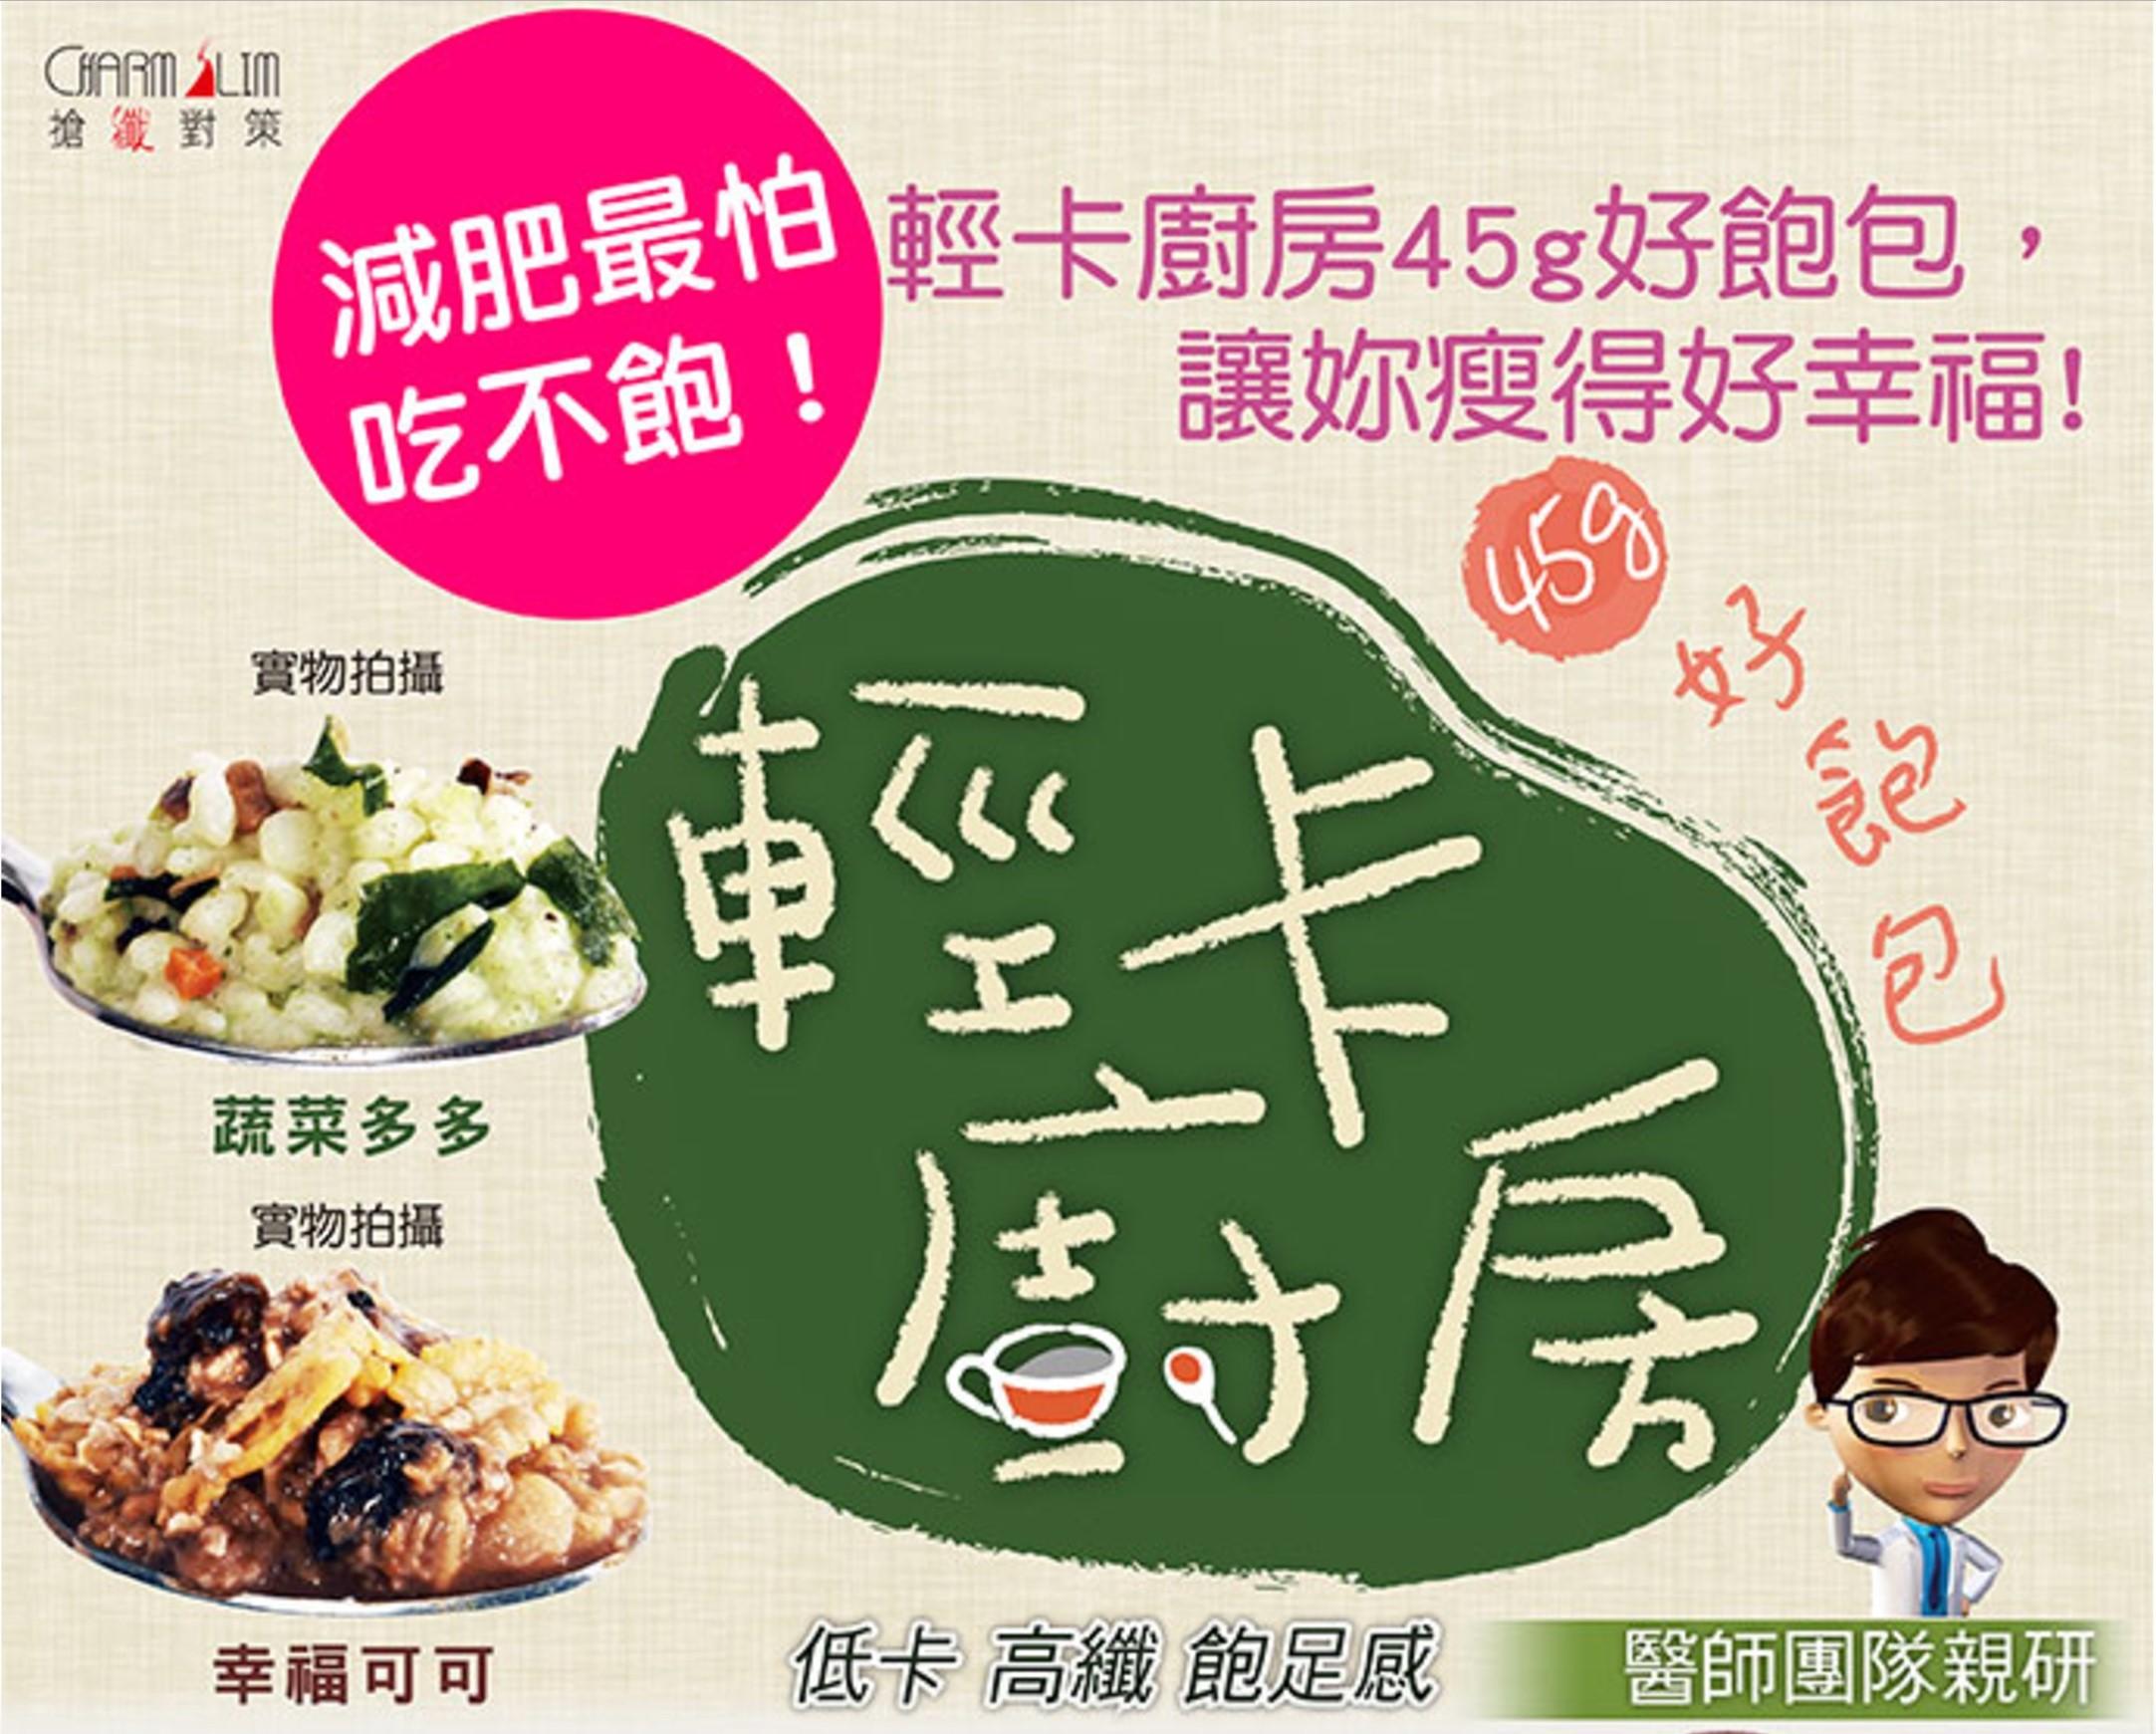 邱正宏醫師研發的「輕卡廚房」代餐